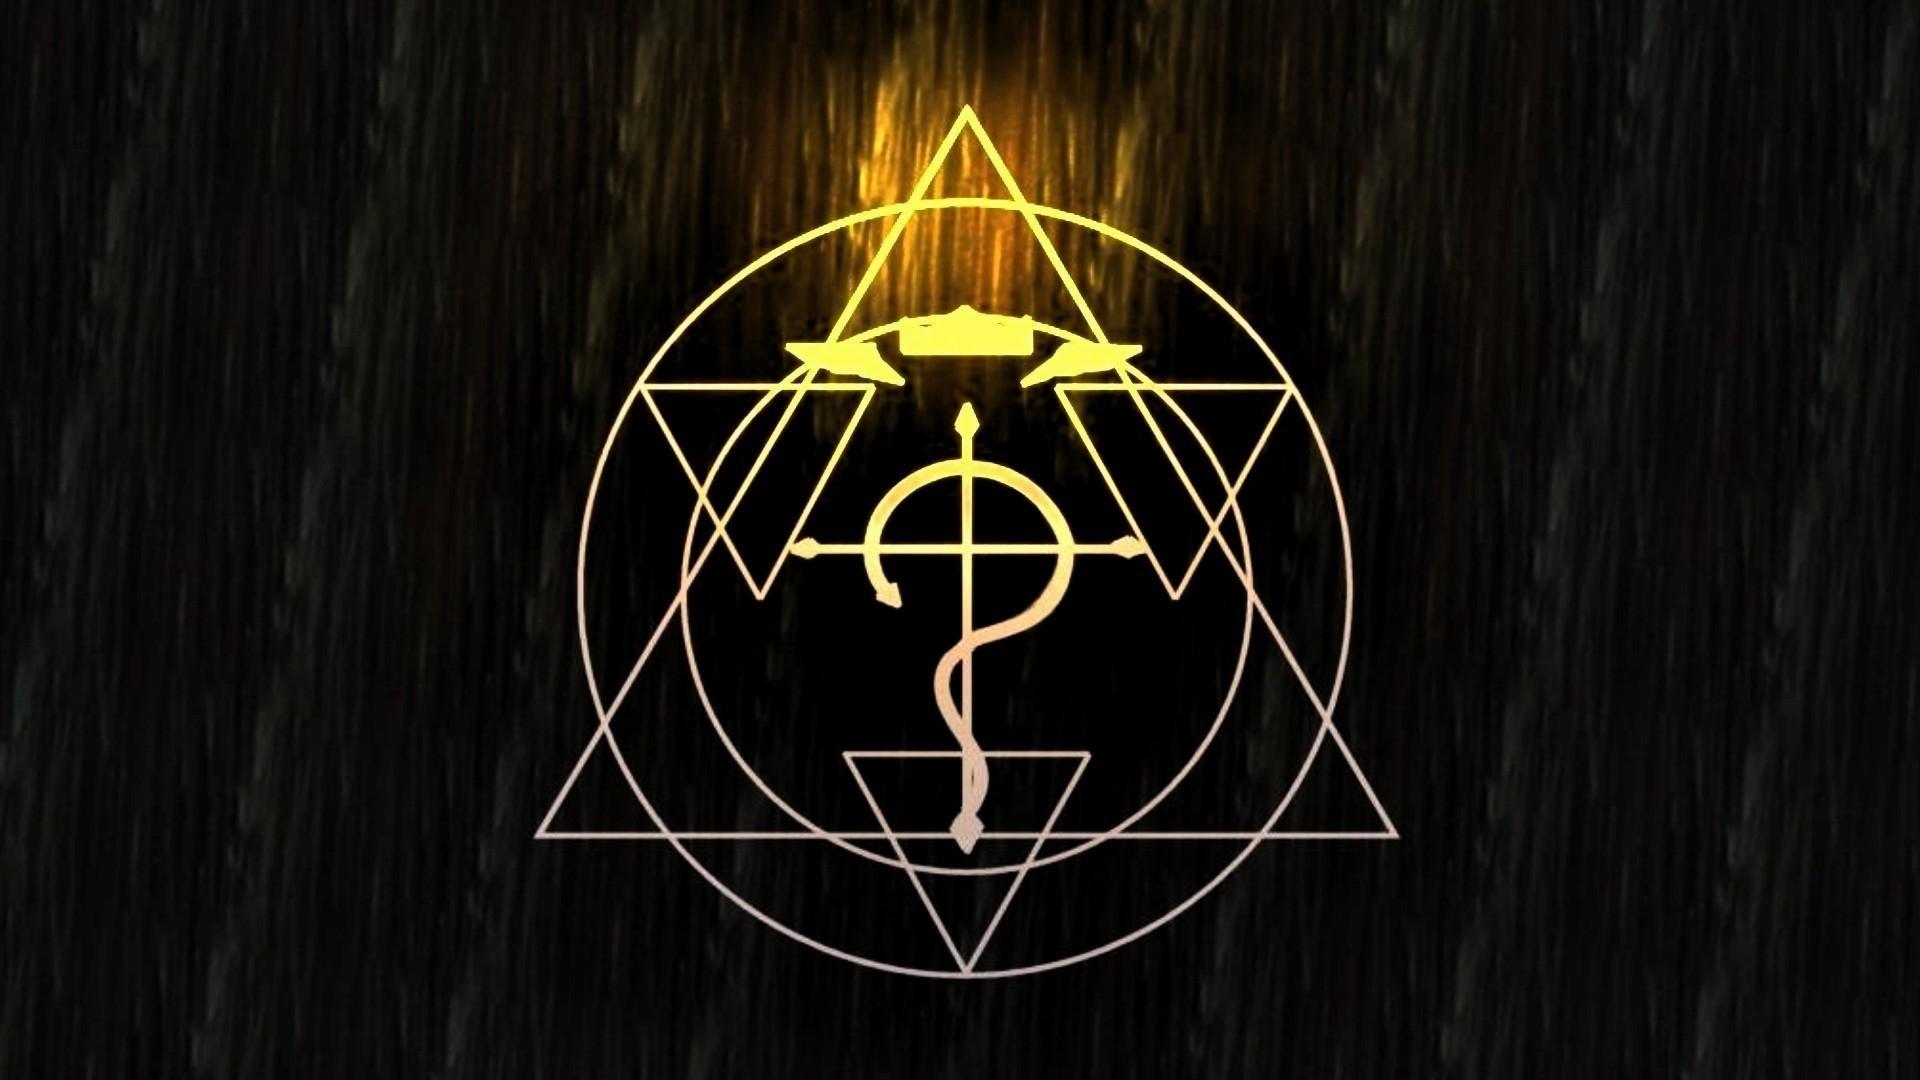 3840x2160 Fullmetal Alchemist Lust Fma Gluttony Envy Wrath Pride Qsr9